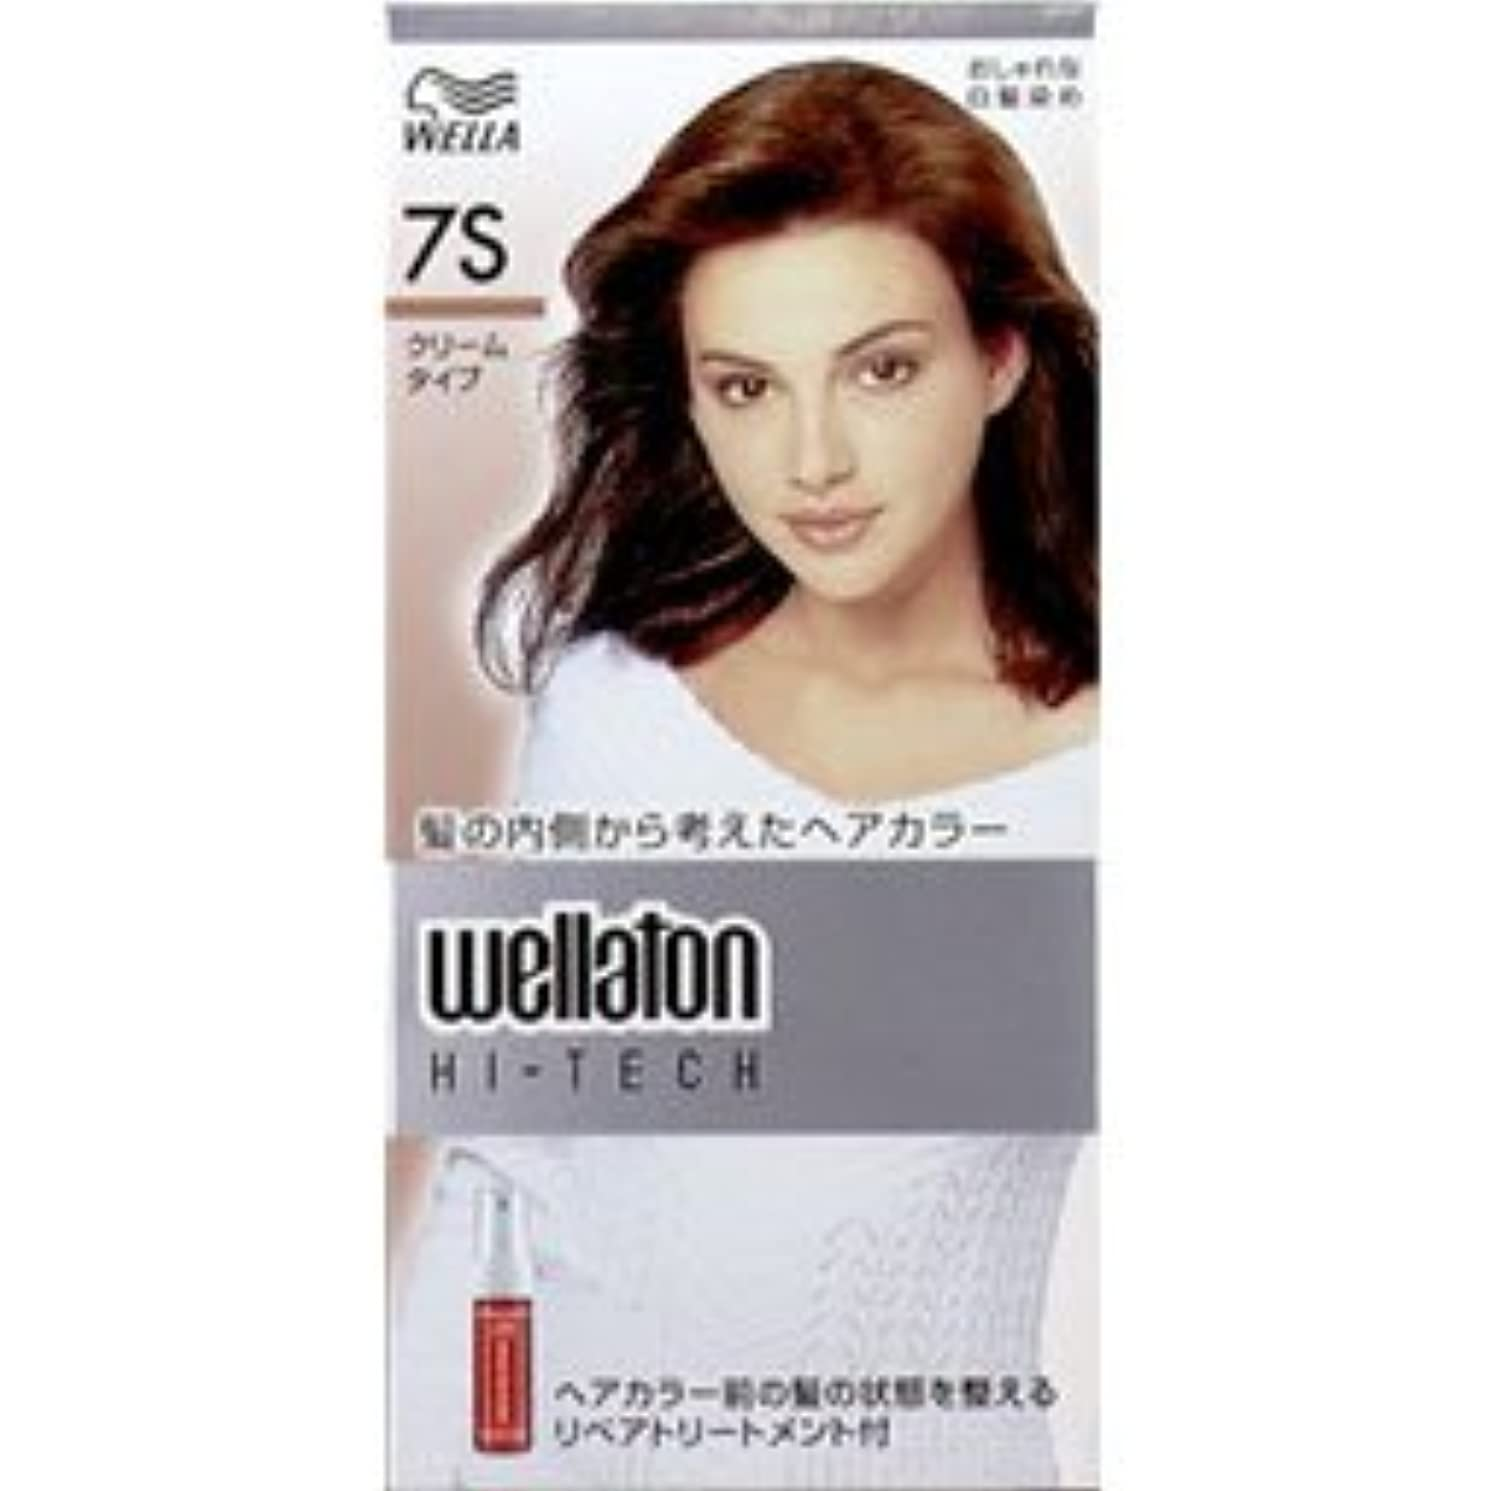 冷淡な逮捕伴う【ヘアケア】P&G ウエラ ウエラトーン ハイテッククリーム 7S 透明感のある明るい栗色 (医薬部外品) 白髪染めヘアカラー(女性用)×24点セット (4902565140602)